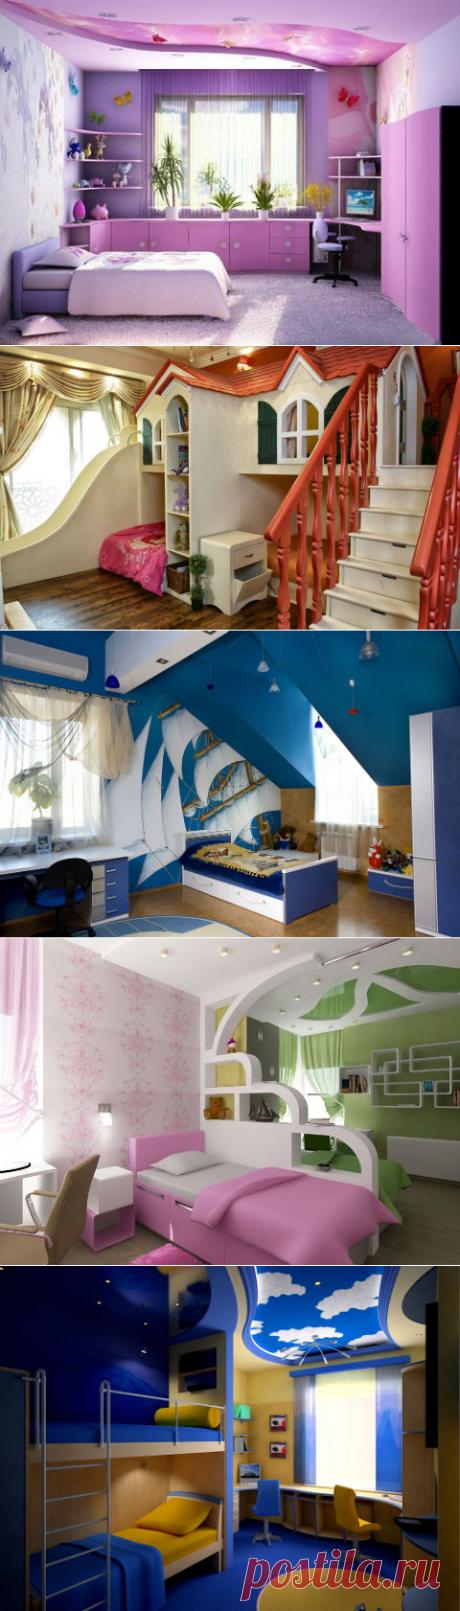 Детские комнаты: яркие и не очень — Роскошь и уют